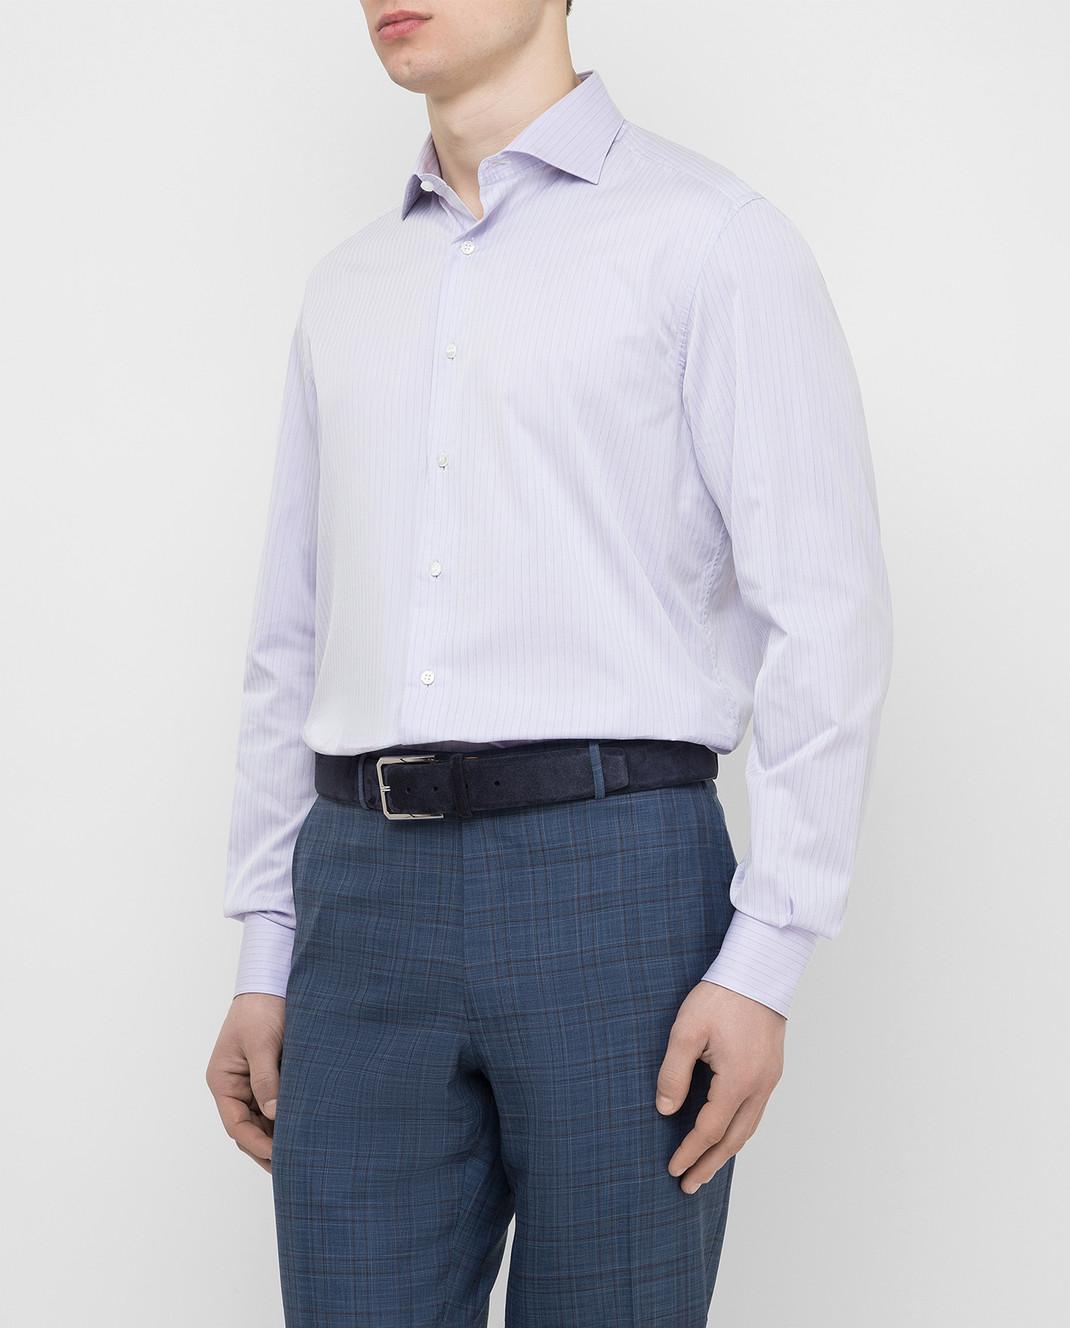 Stefano Ricci Сиреневая рубашка MC000540L1812 изображение 3